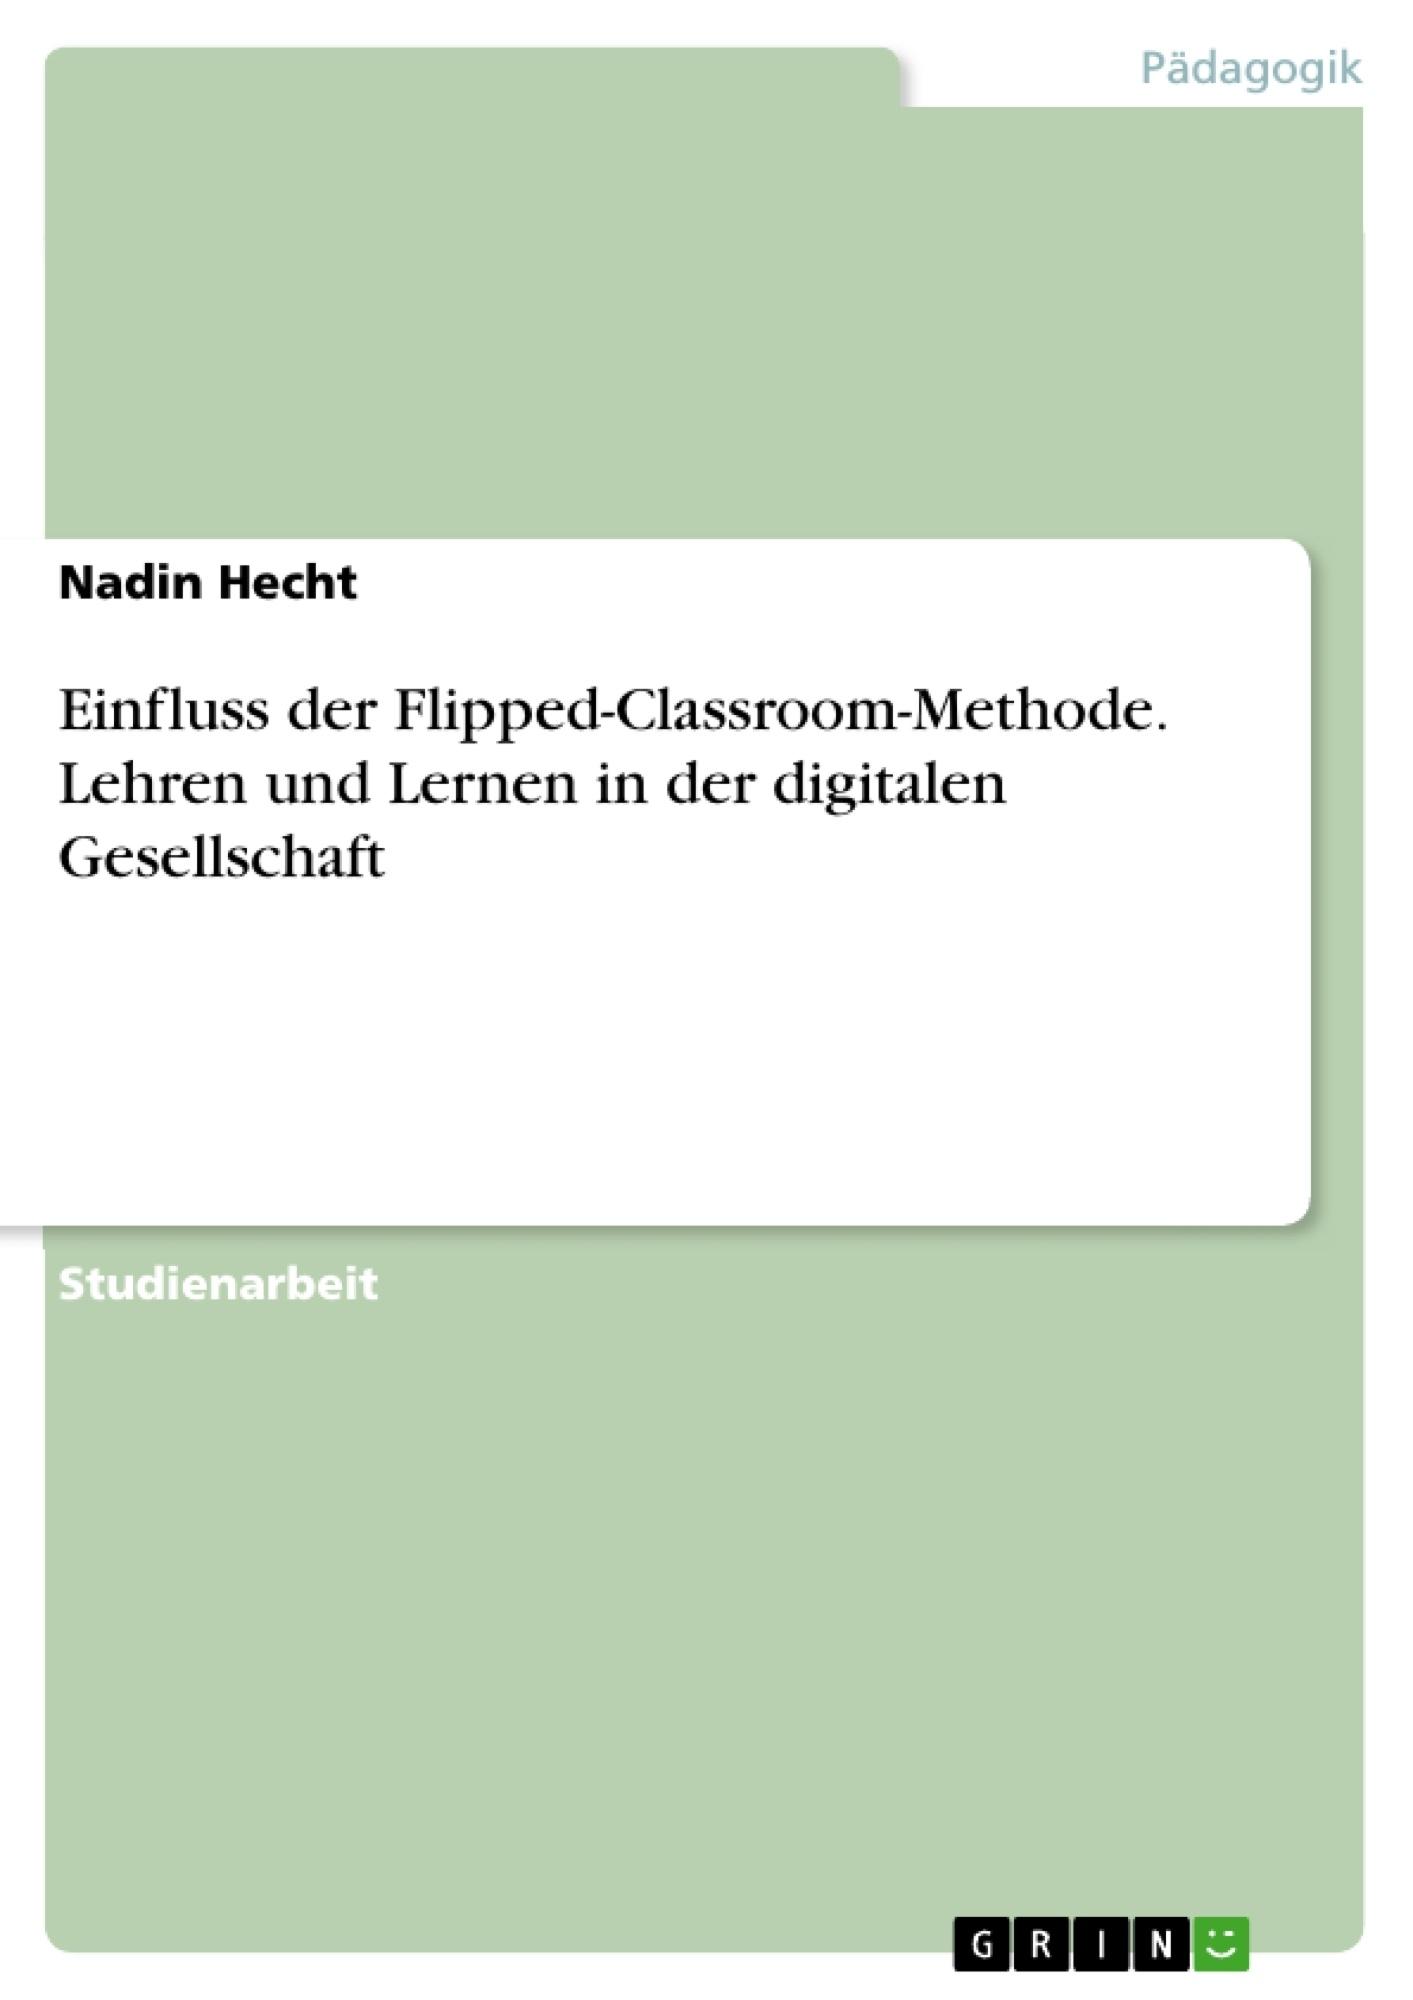 Titel: Einfluss der Flipped-Classroom-Methode. Lehren und Lernen in der digitalen Gesellschaft